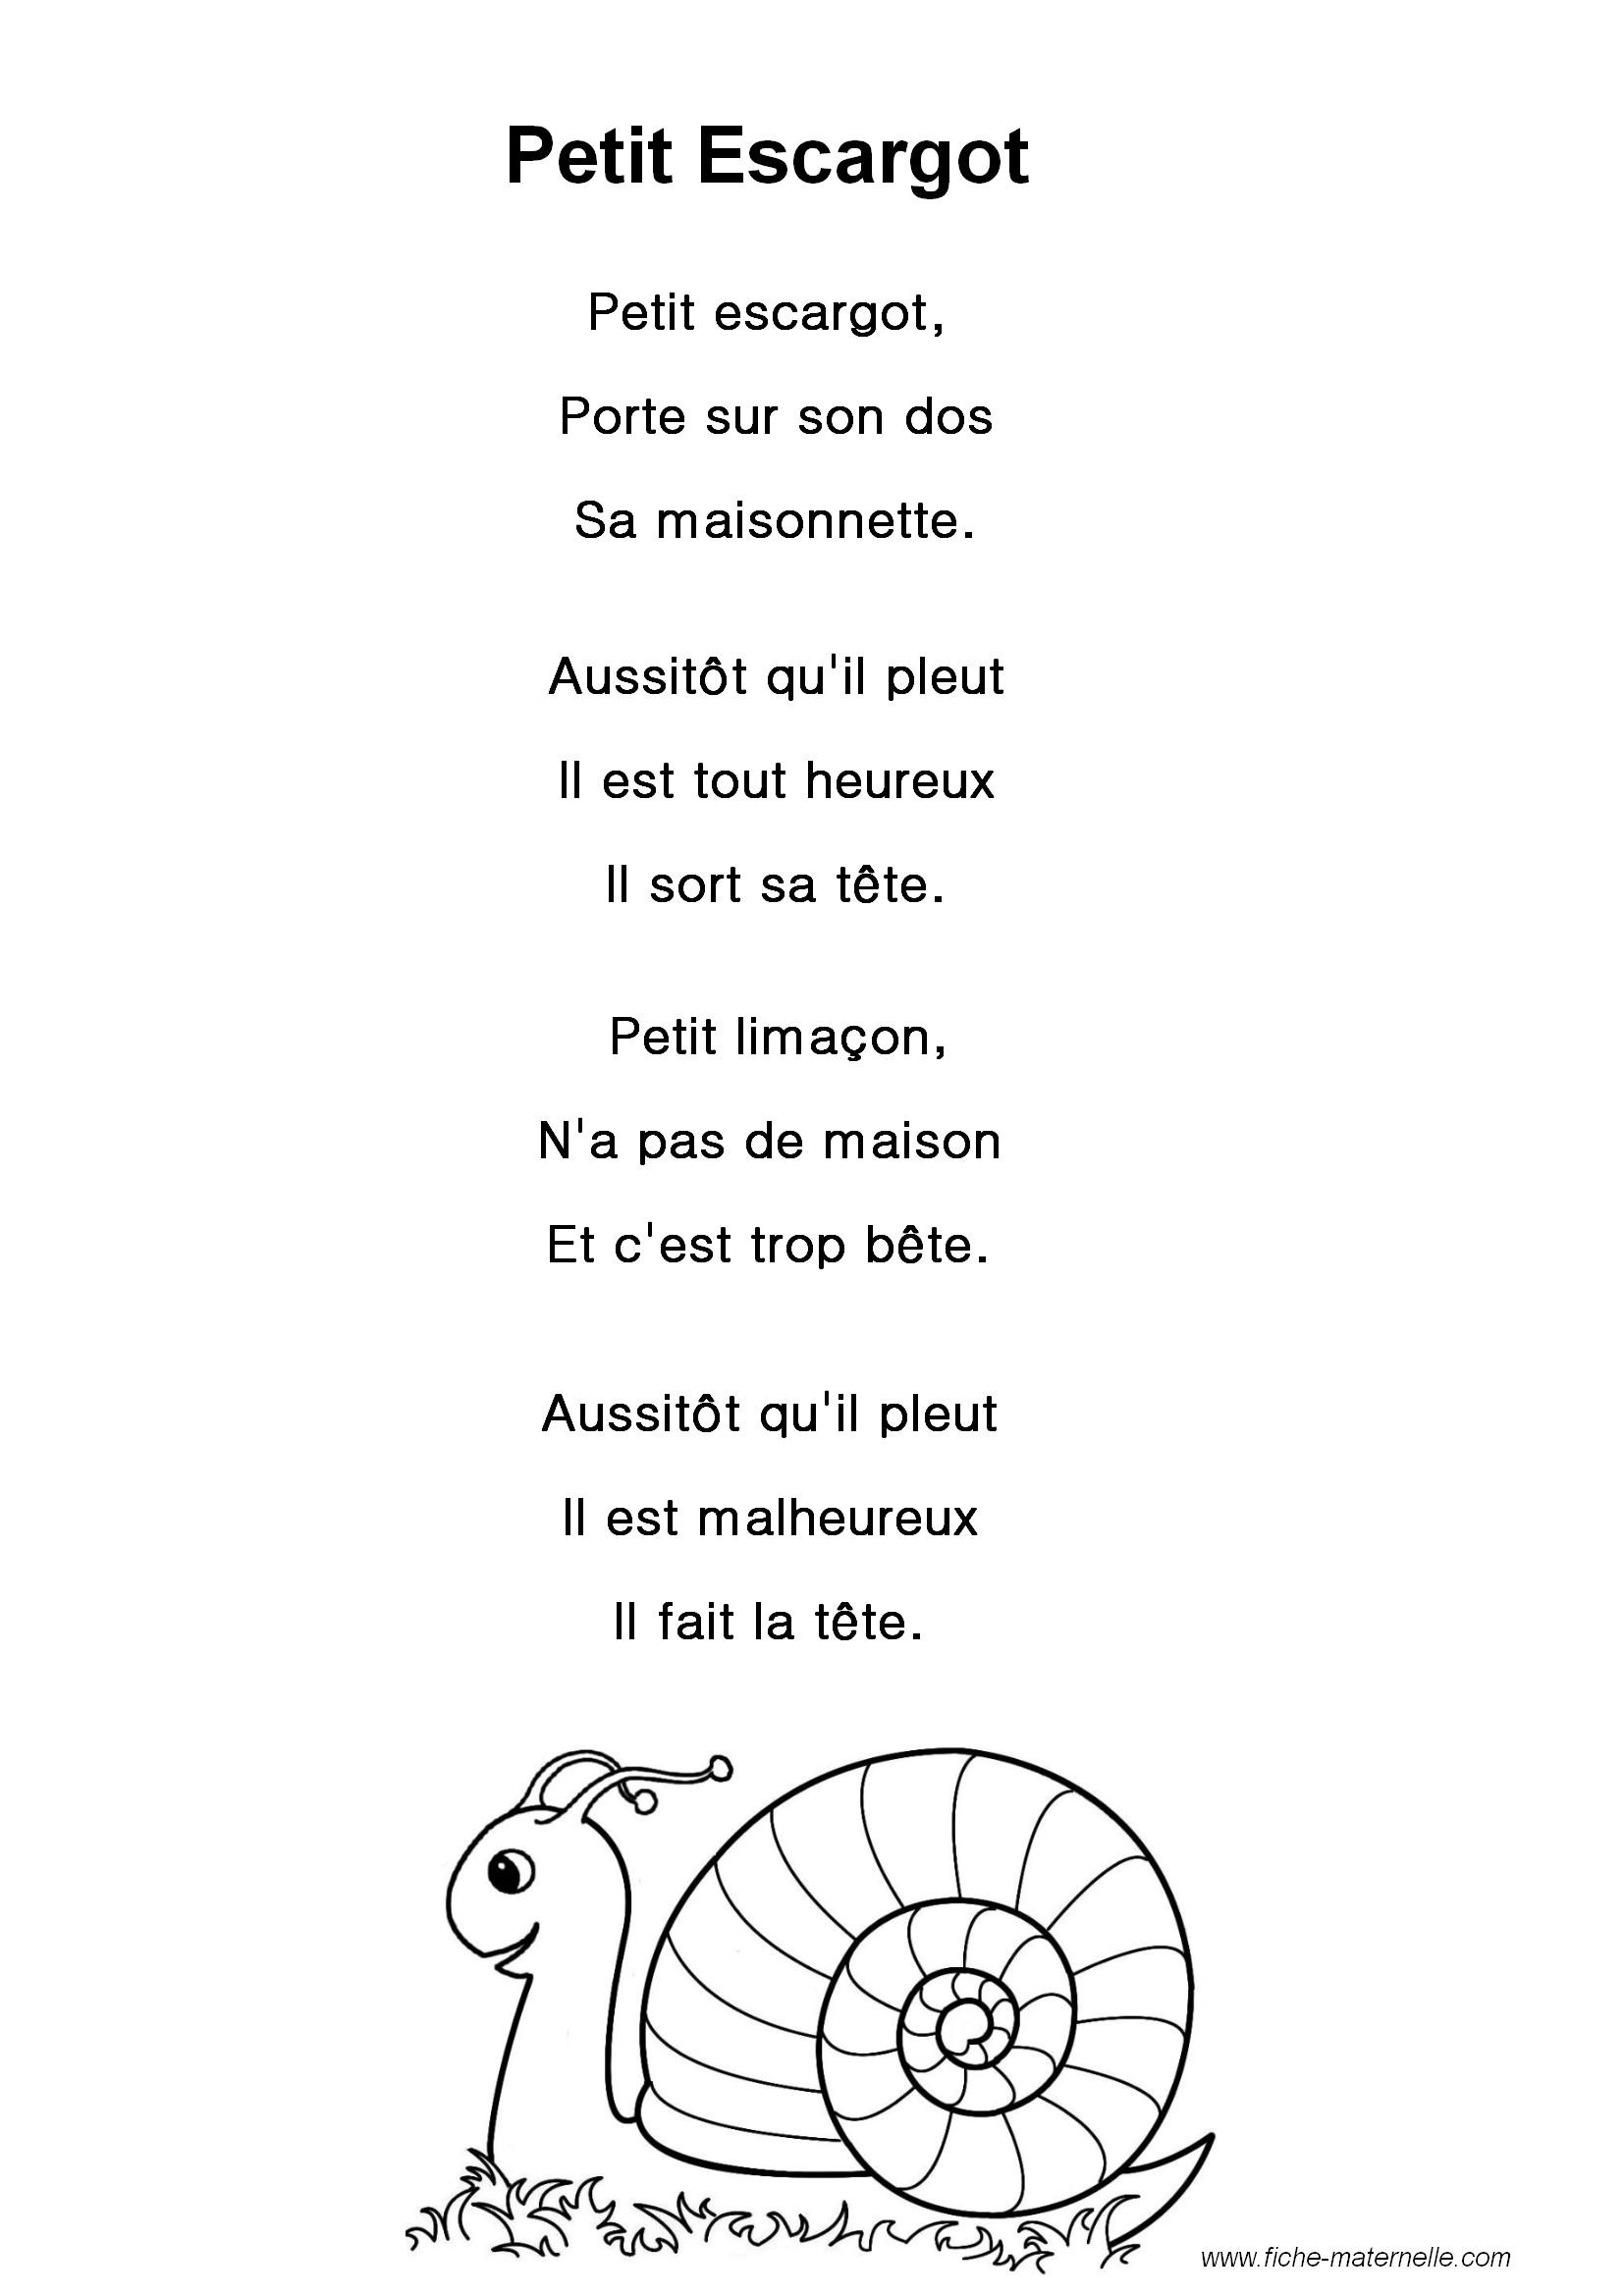 Paroles de la chanson petit escargot - Parole petit escargot porte sur son dos ...